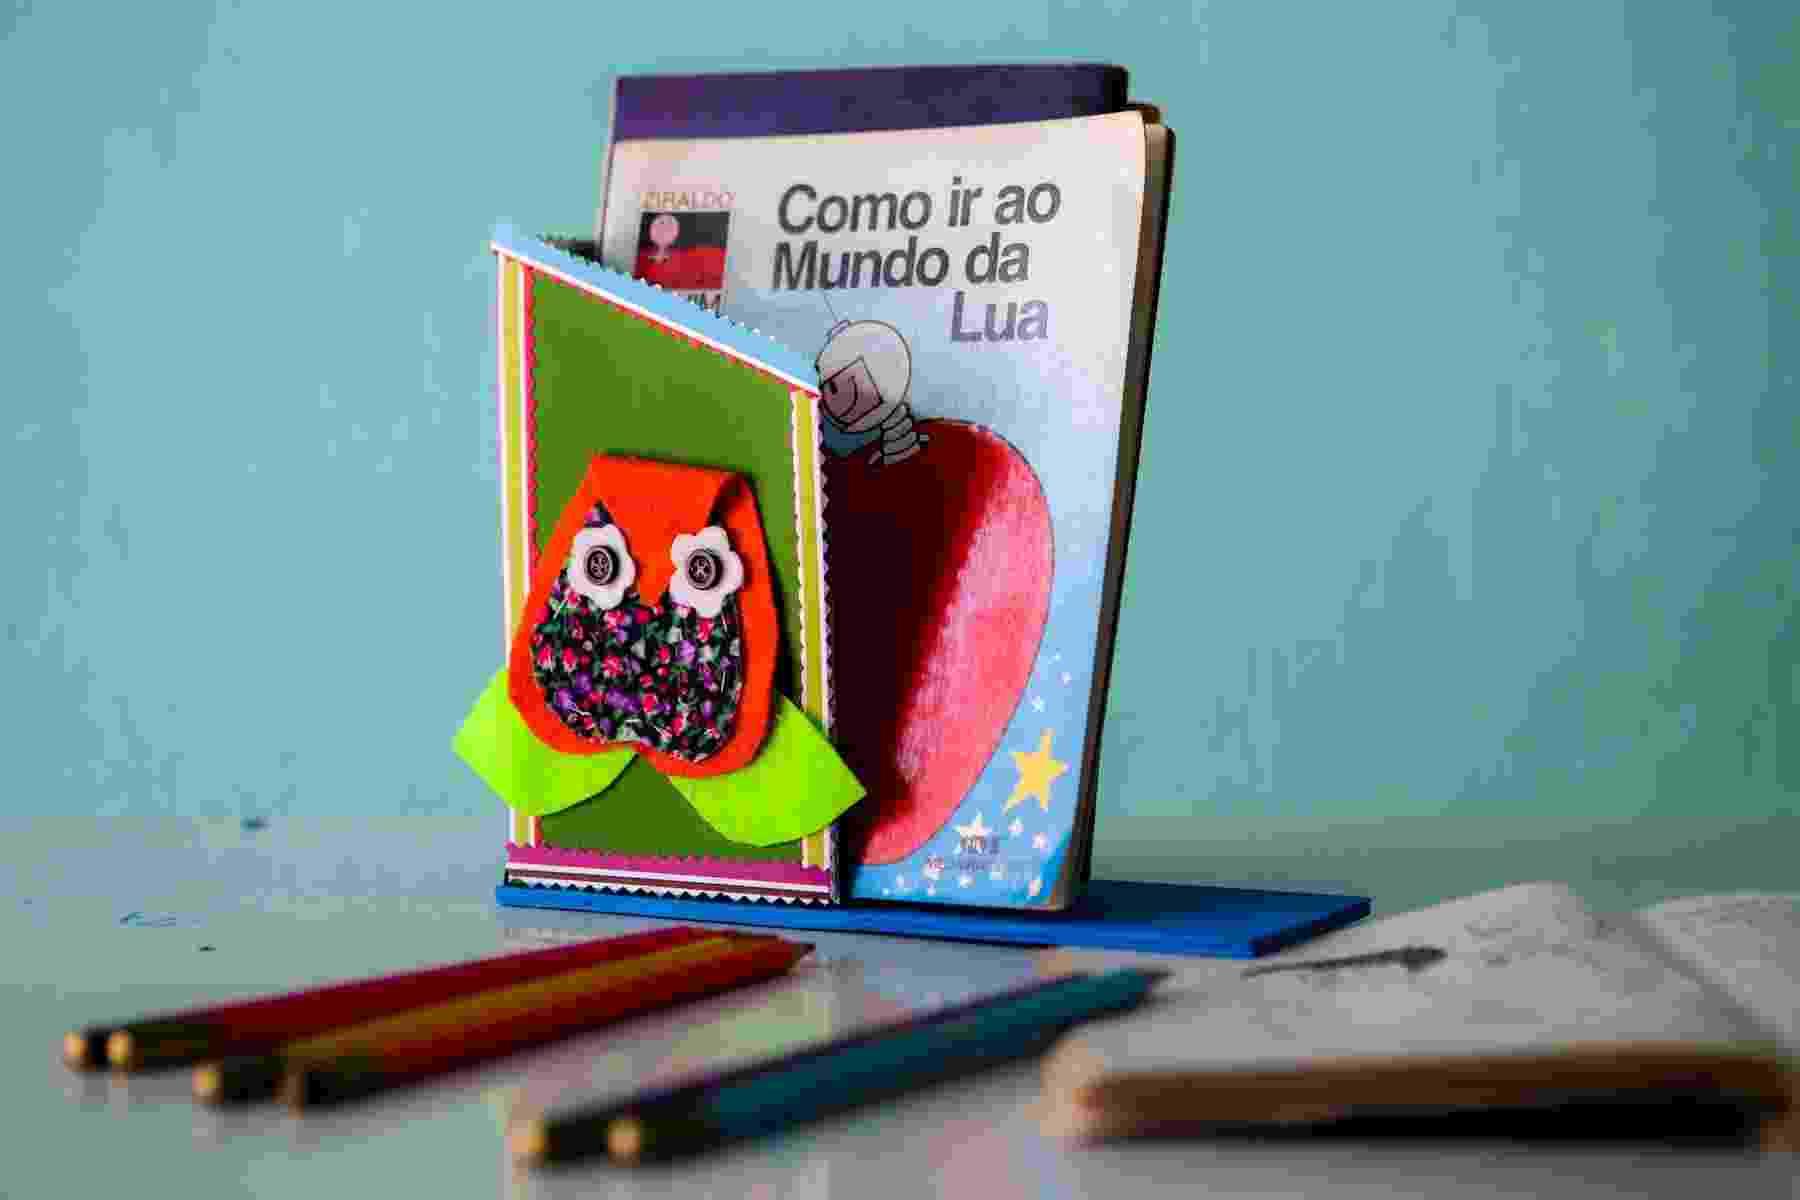 Usando uma embalagem de leite, tinta e papel colorido, você pode fazer um aparador de livros para o quarto das crianças. A artesã Cristina Mota ensina como confeccionar um passo a passo | Por Silvana Maria Rosso - Do UOL, em São Paulo - Leandro Moraes/UOL